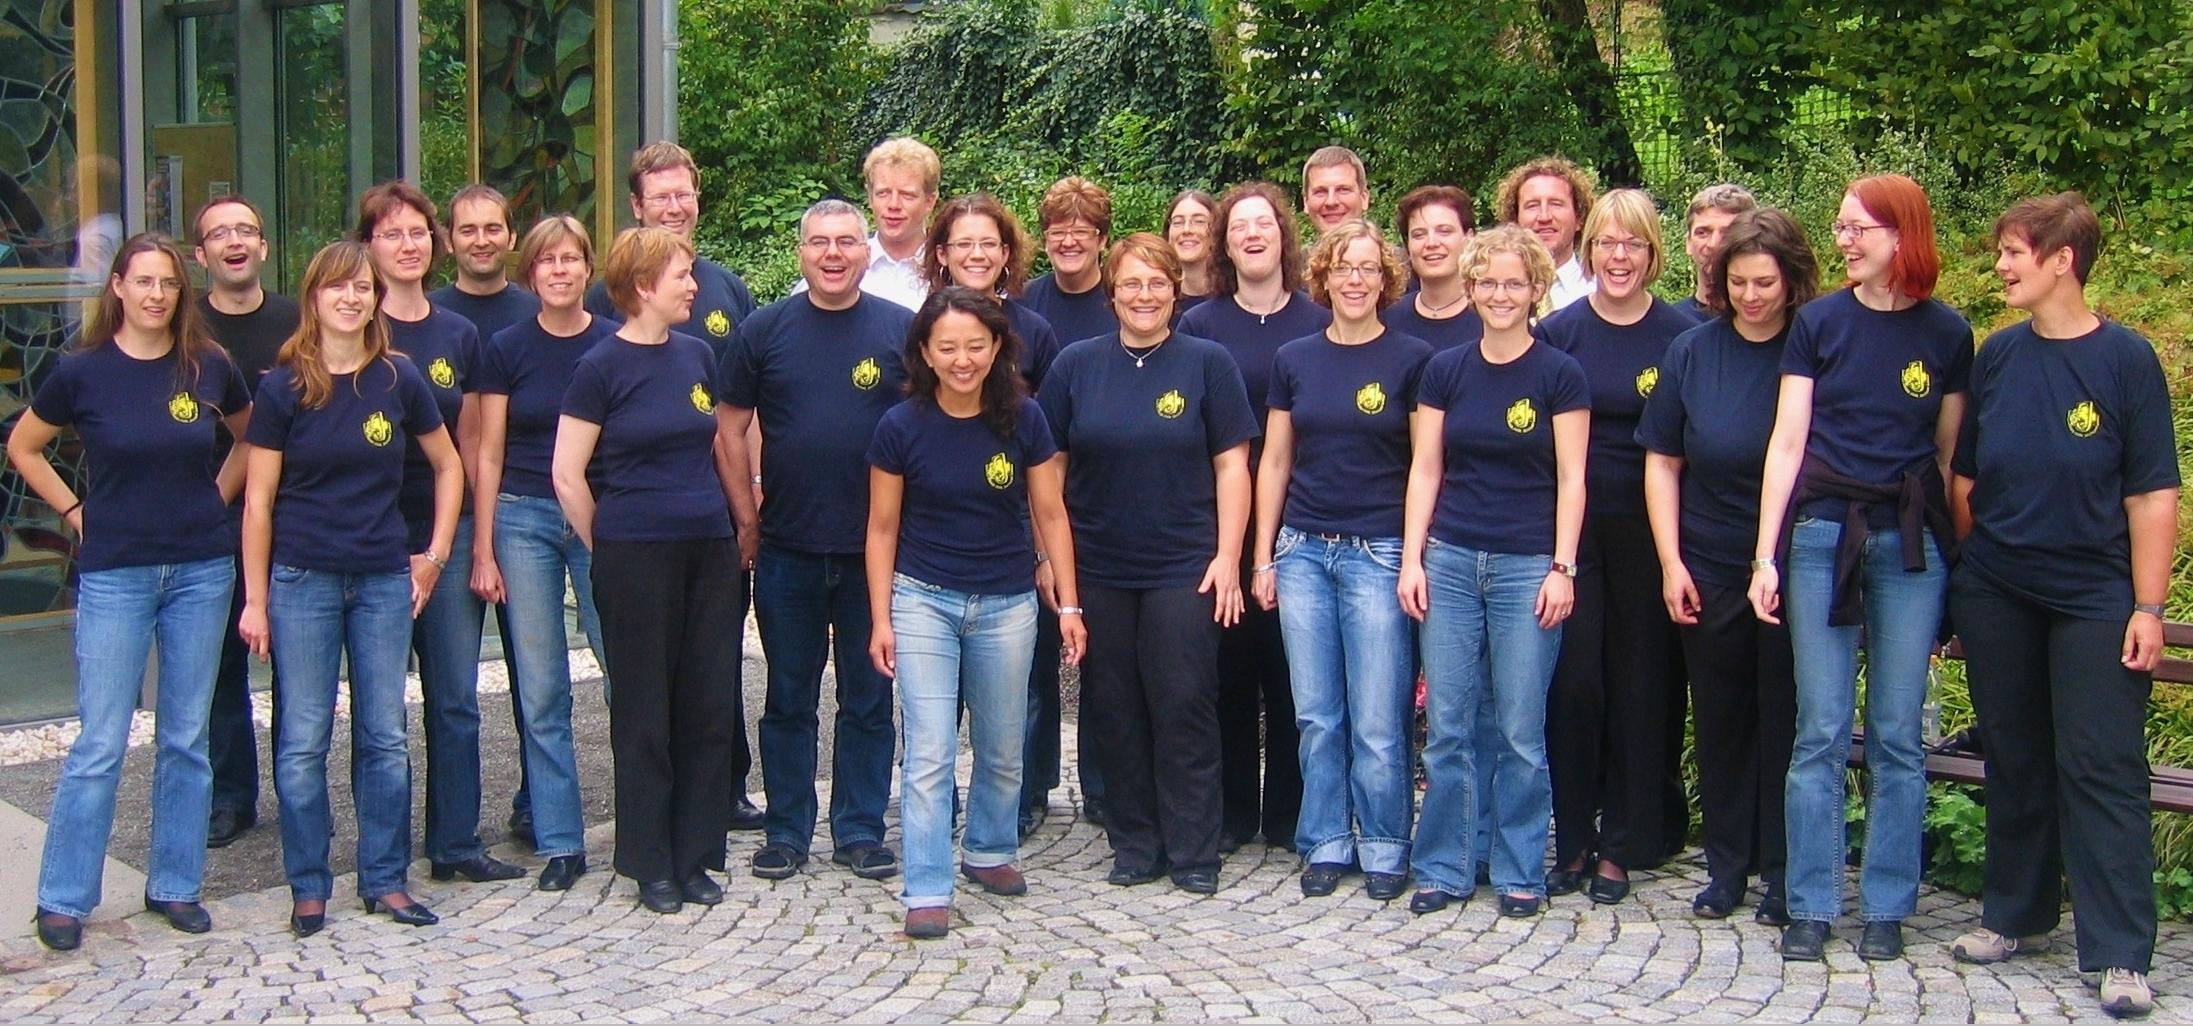 """Ferienworkshop """"Beats for Teens"""" - Gera - meinanzeiger.de"""